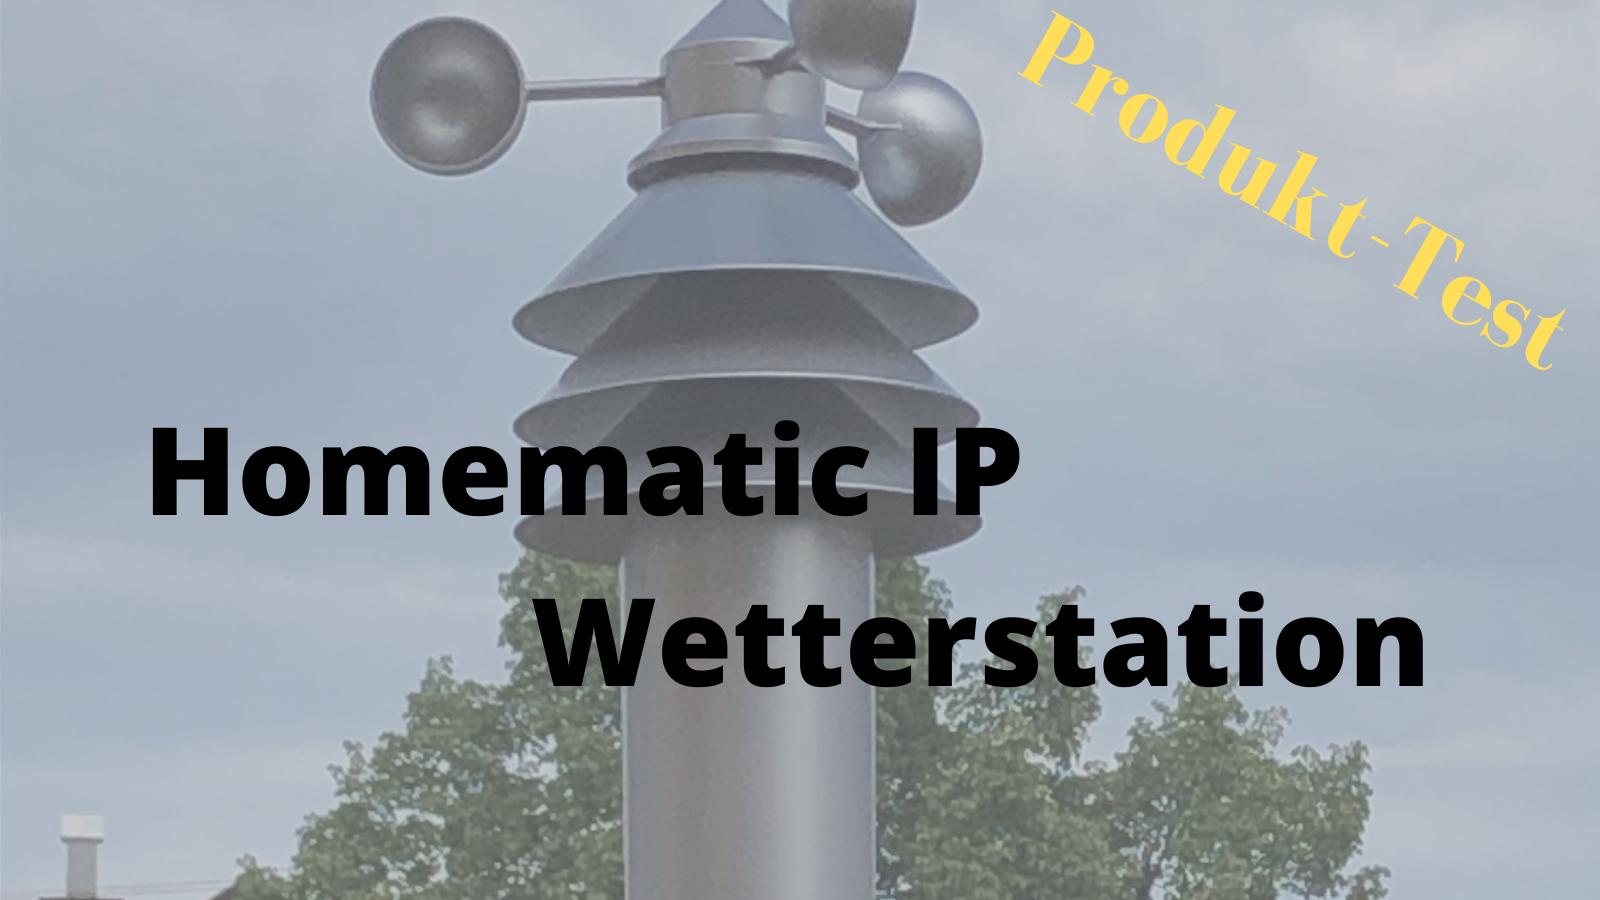 HomeMatic IP: Wetterstation – Basic